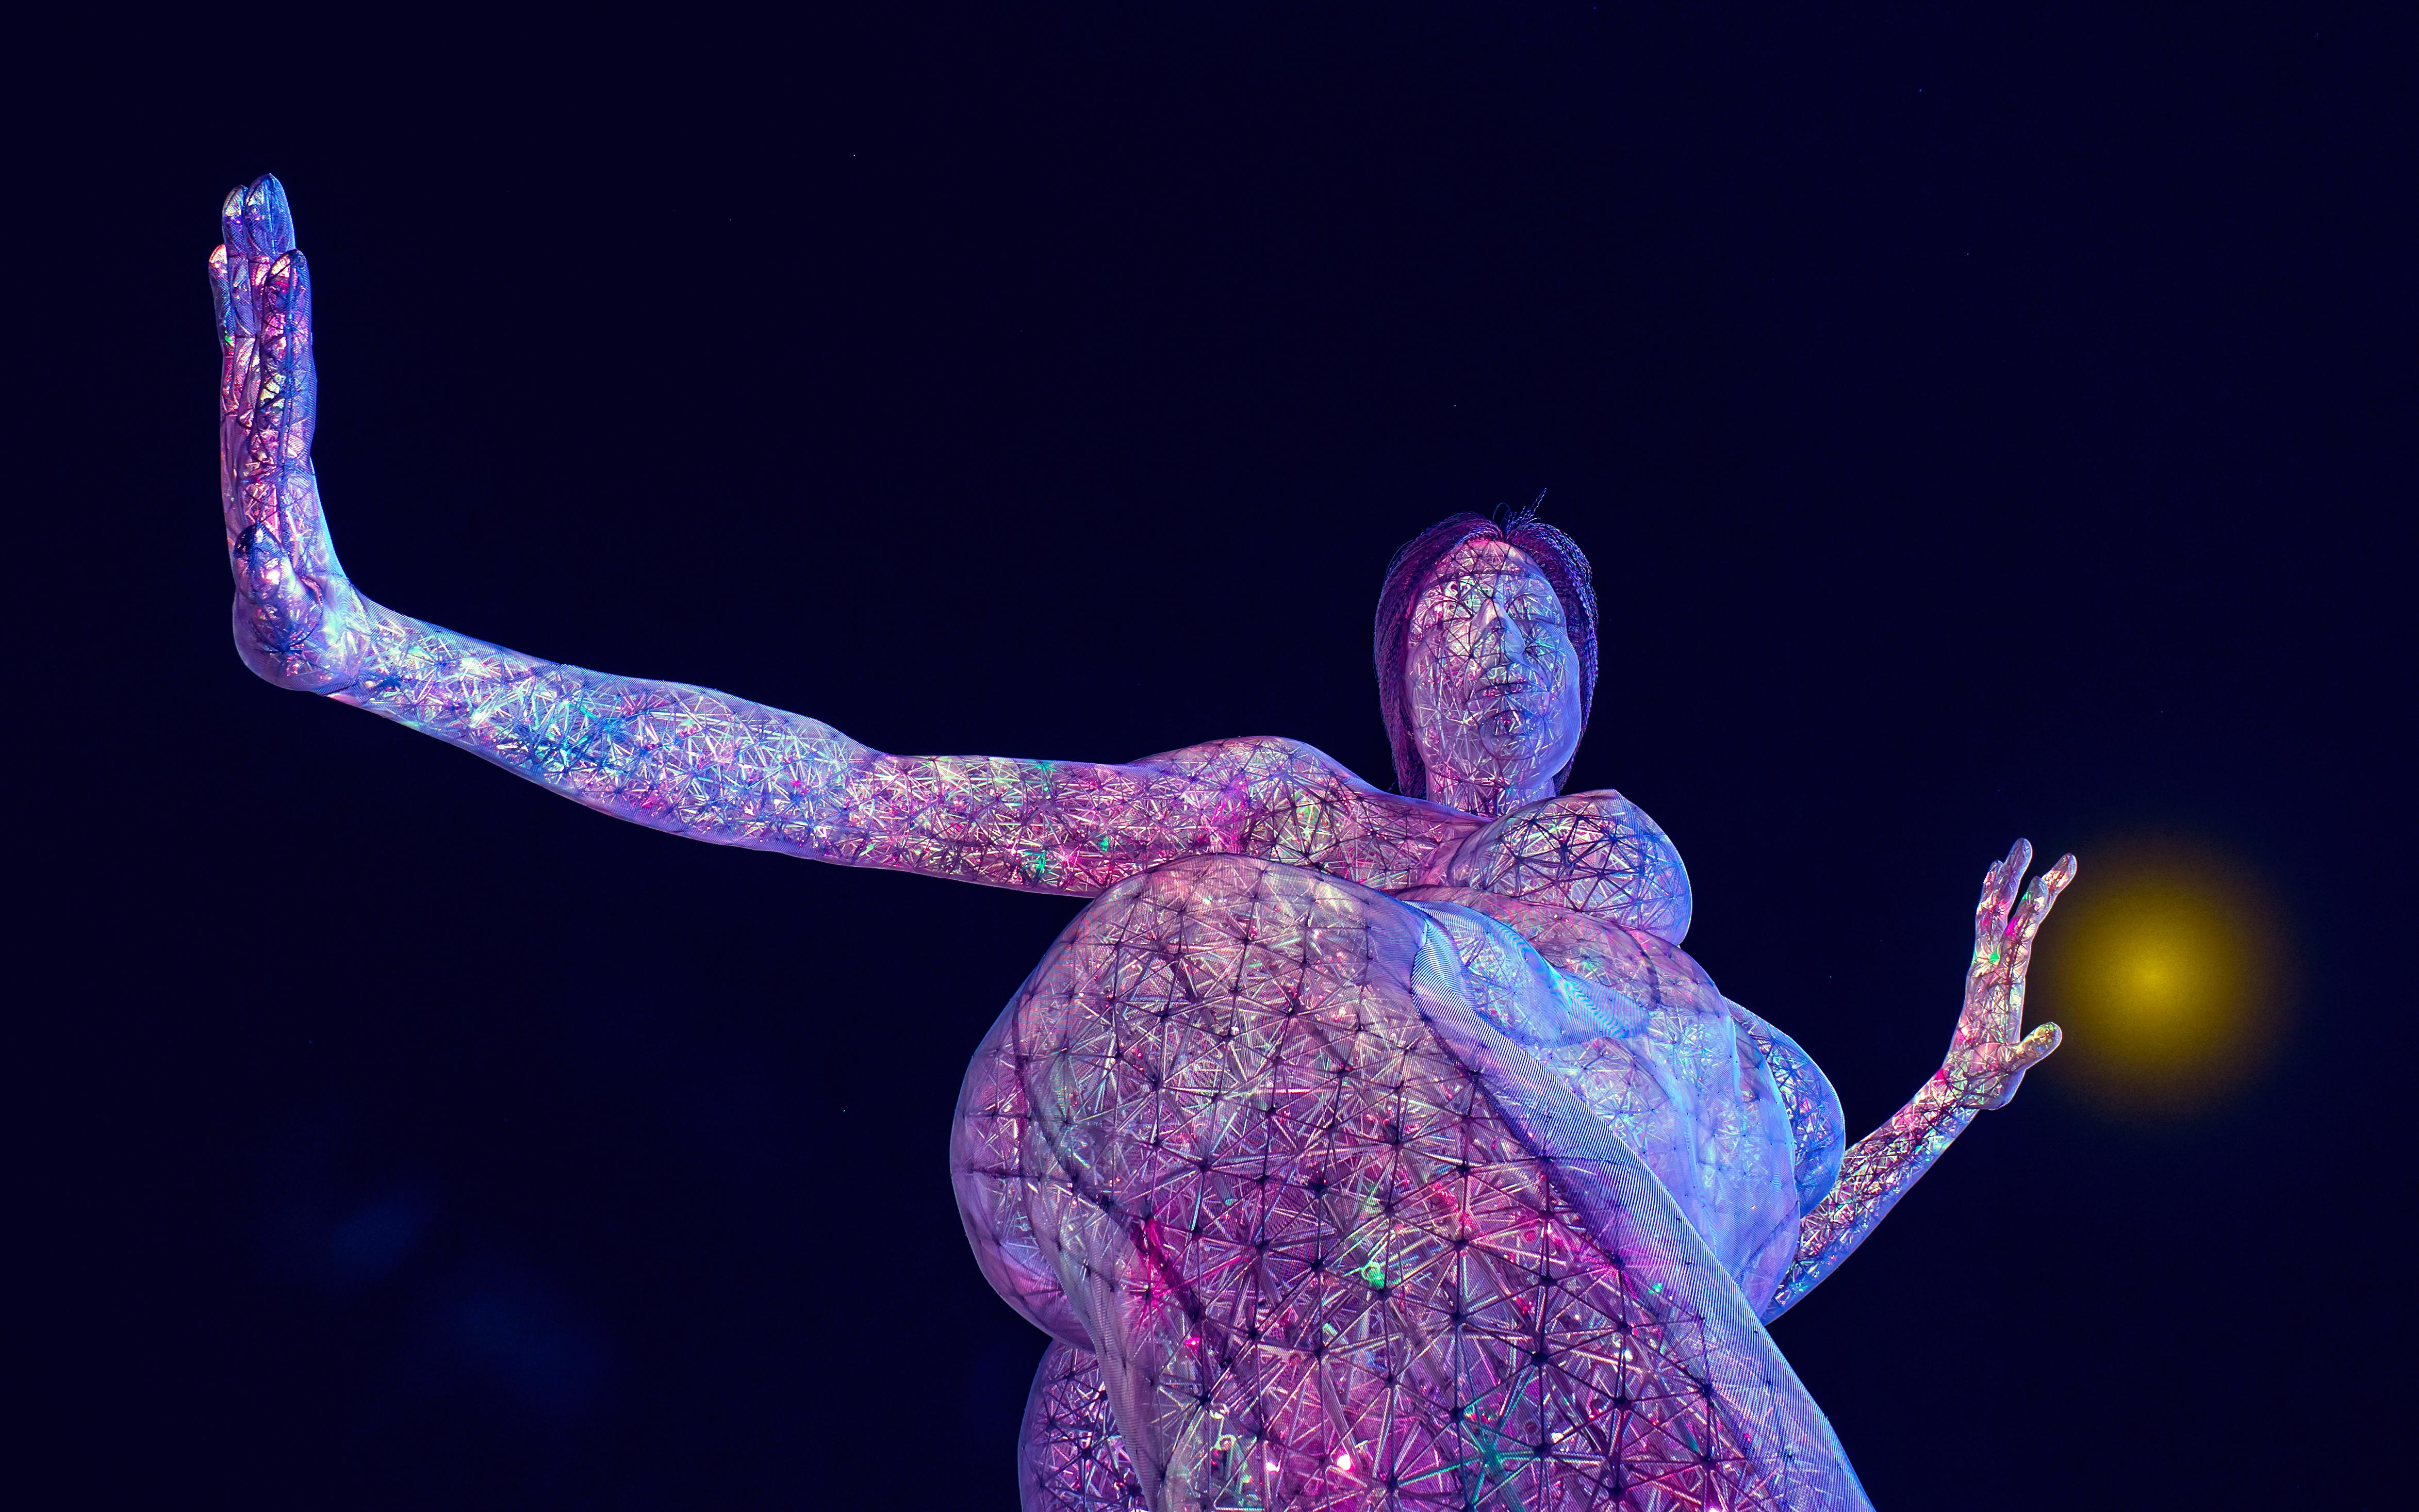 bliss-dance-sculpture